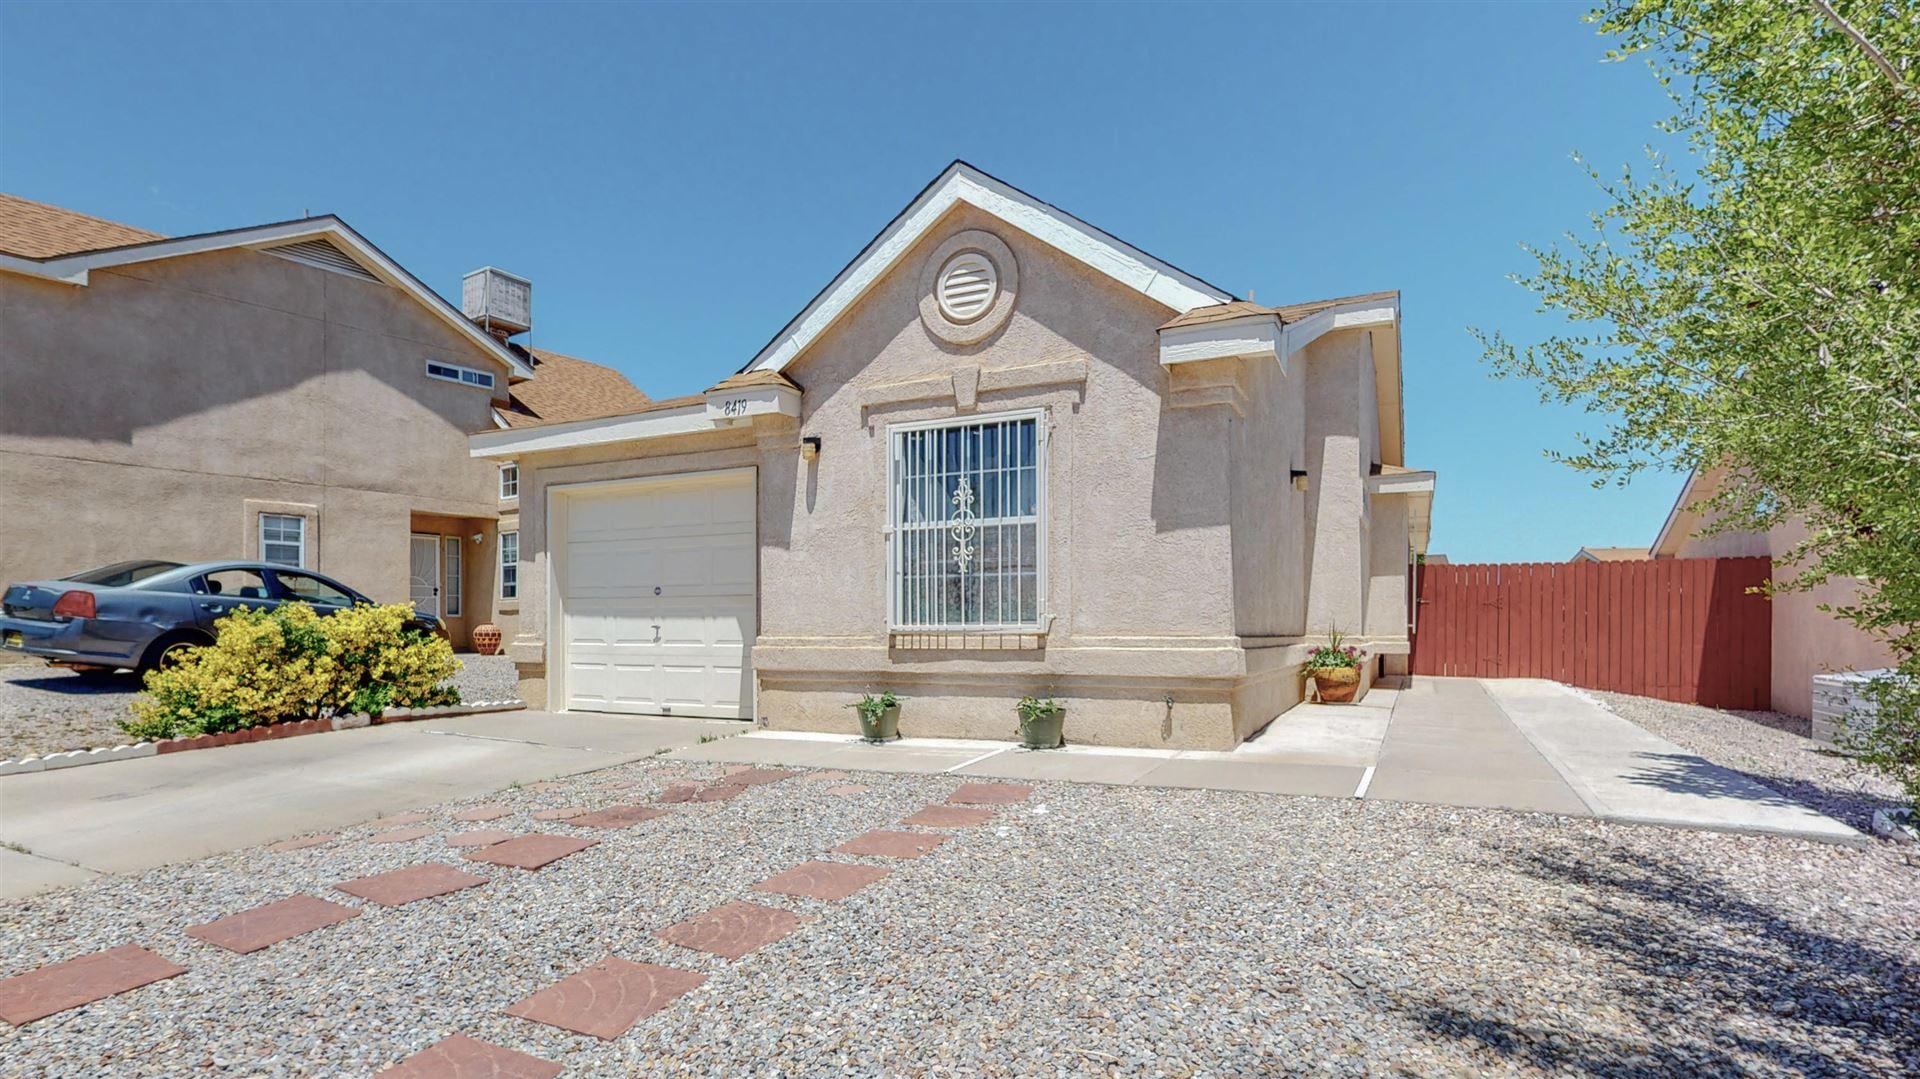 8419 Cedarcroft Road NW, Albuquerque, NM 87120 - MLS#: 991756